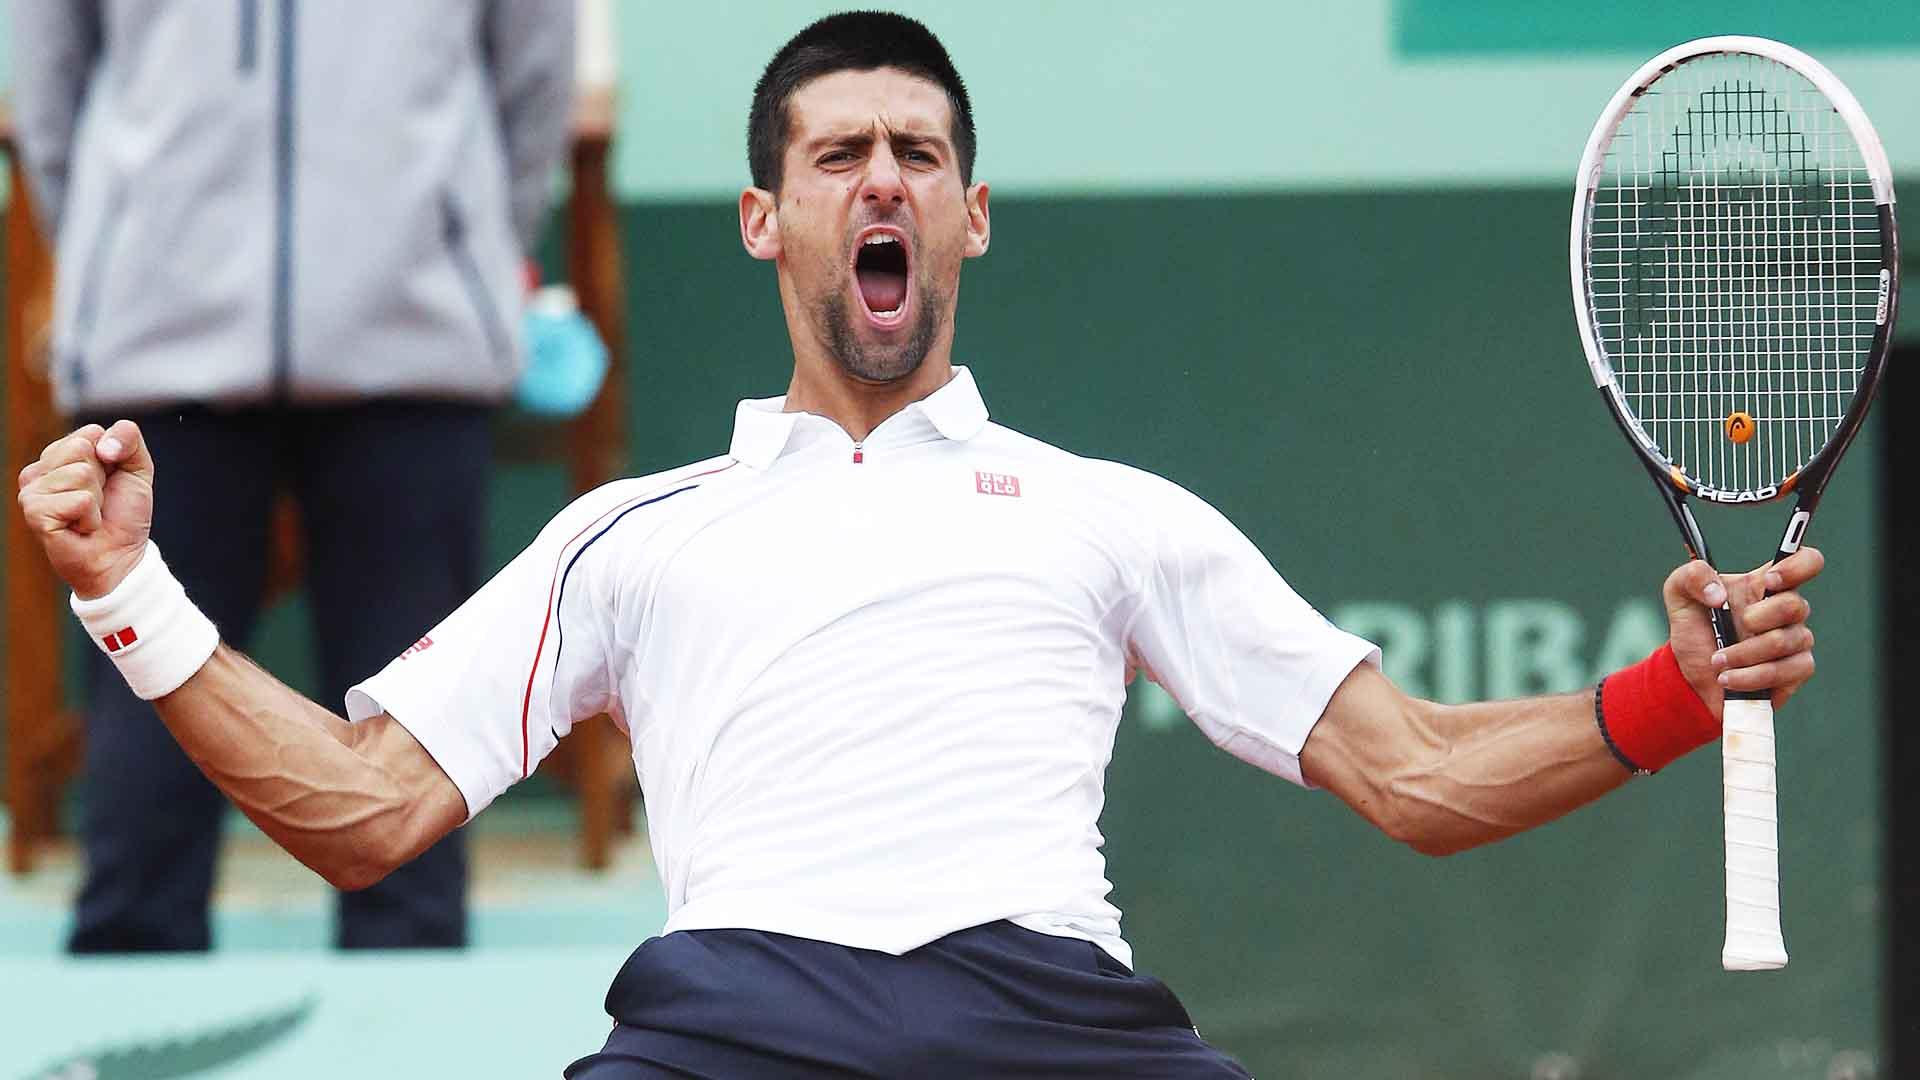 Roland Garros Flashback : Novak Djokovic Saves 4 M . P . To Beat Jo - Wilfried Tsonga In 2012 | ATP Tour